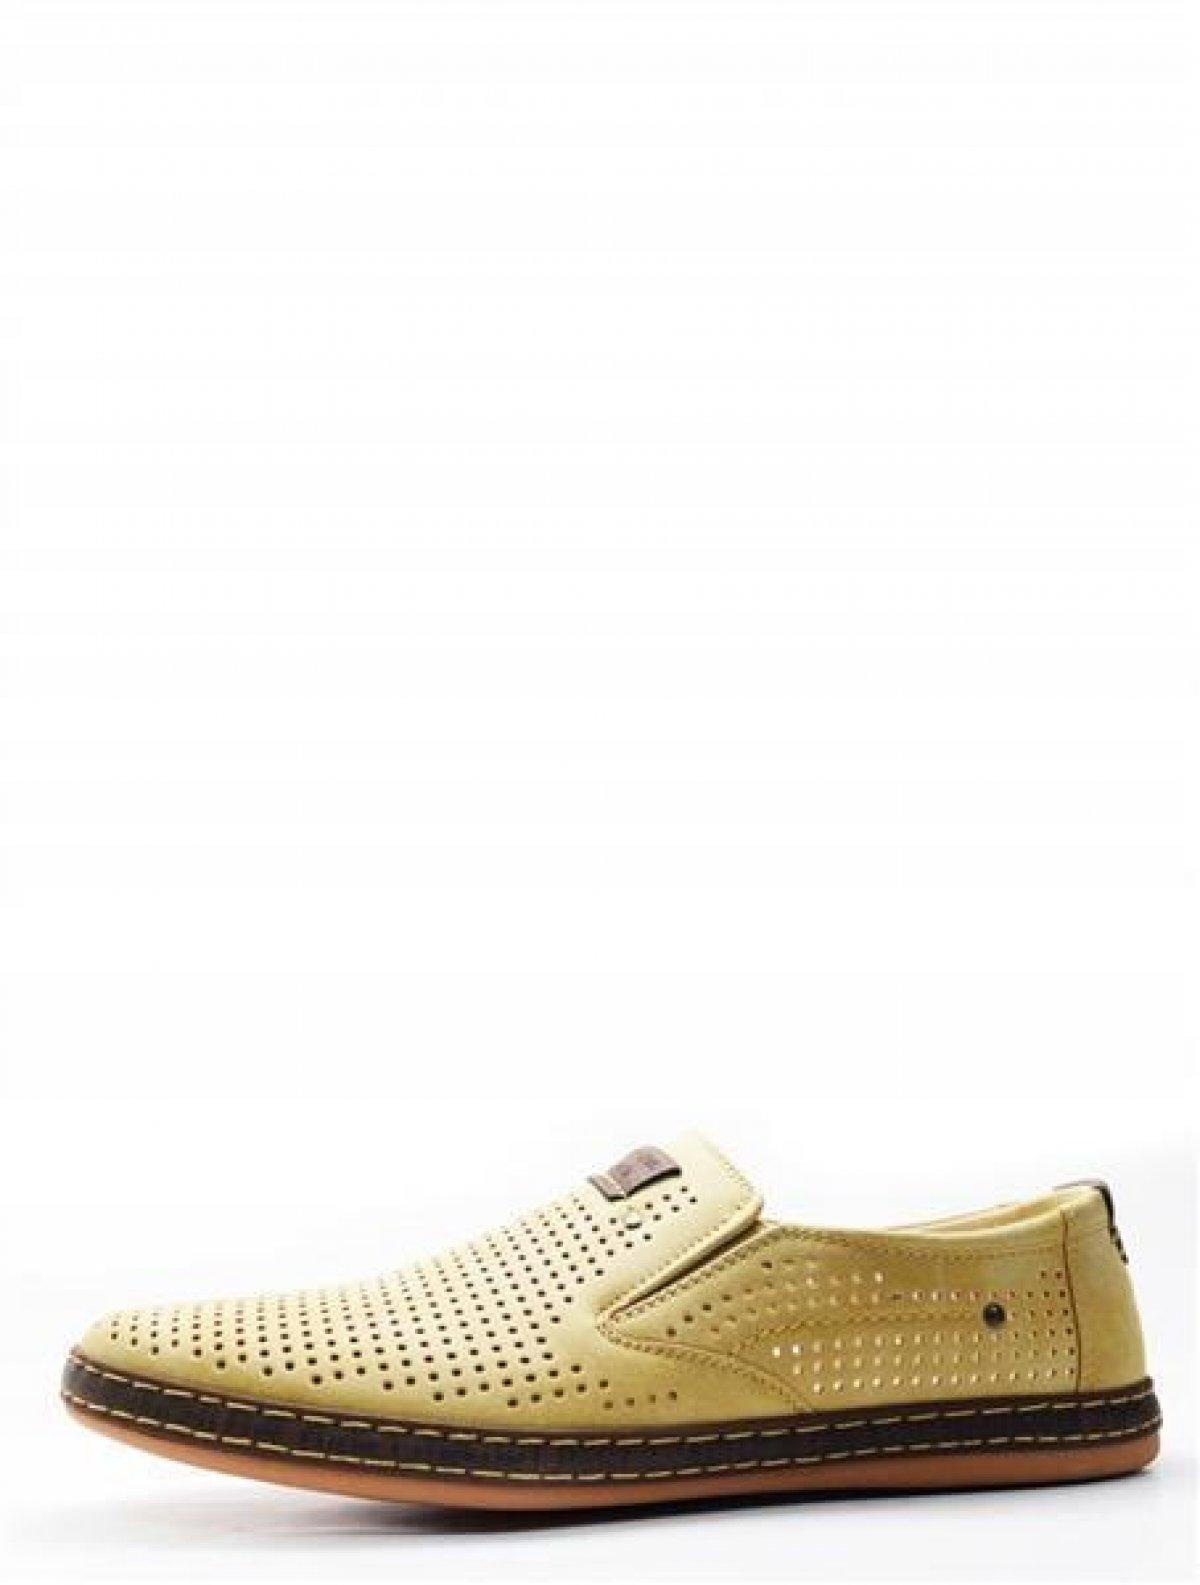 616825-7 туфли мужские